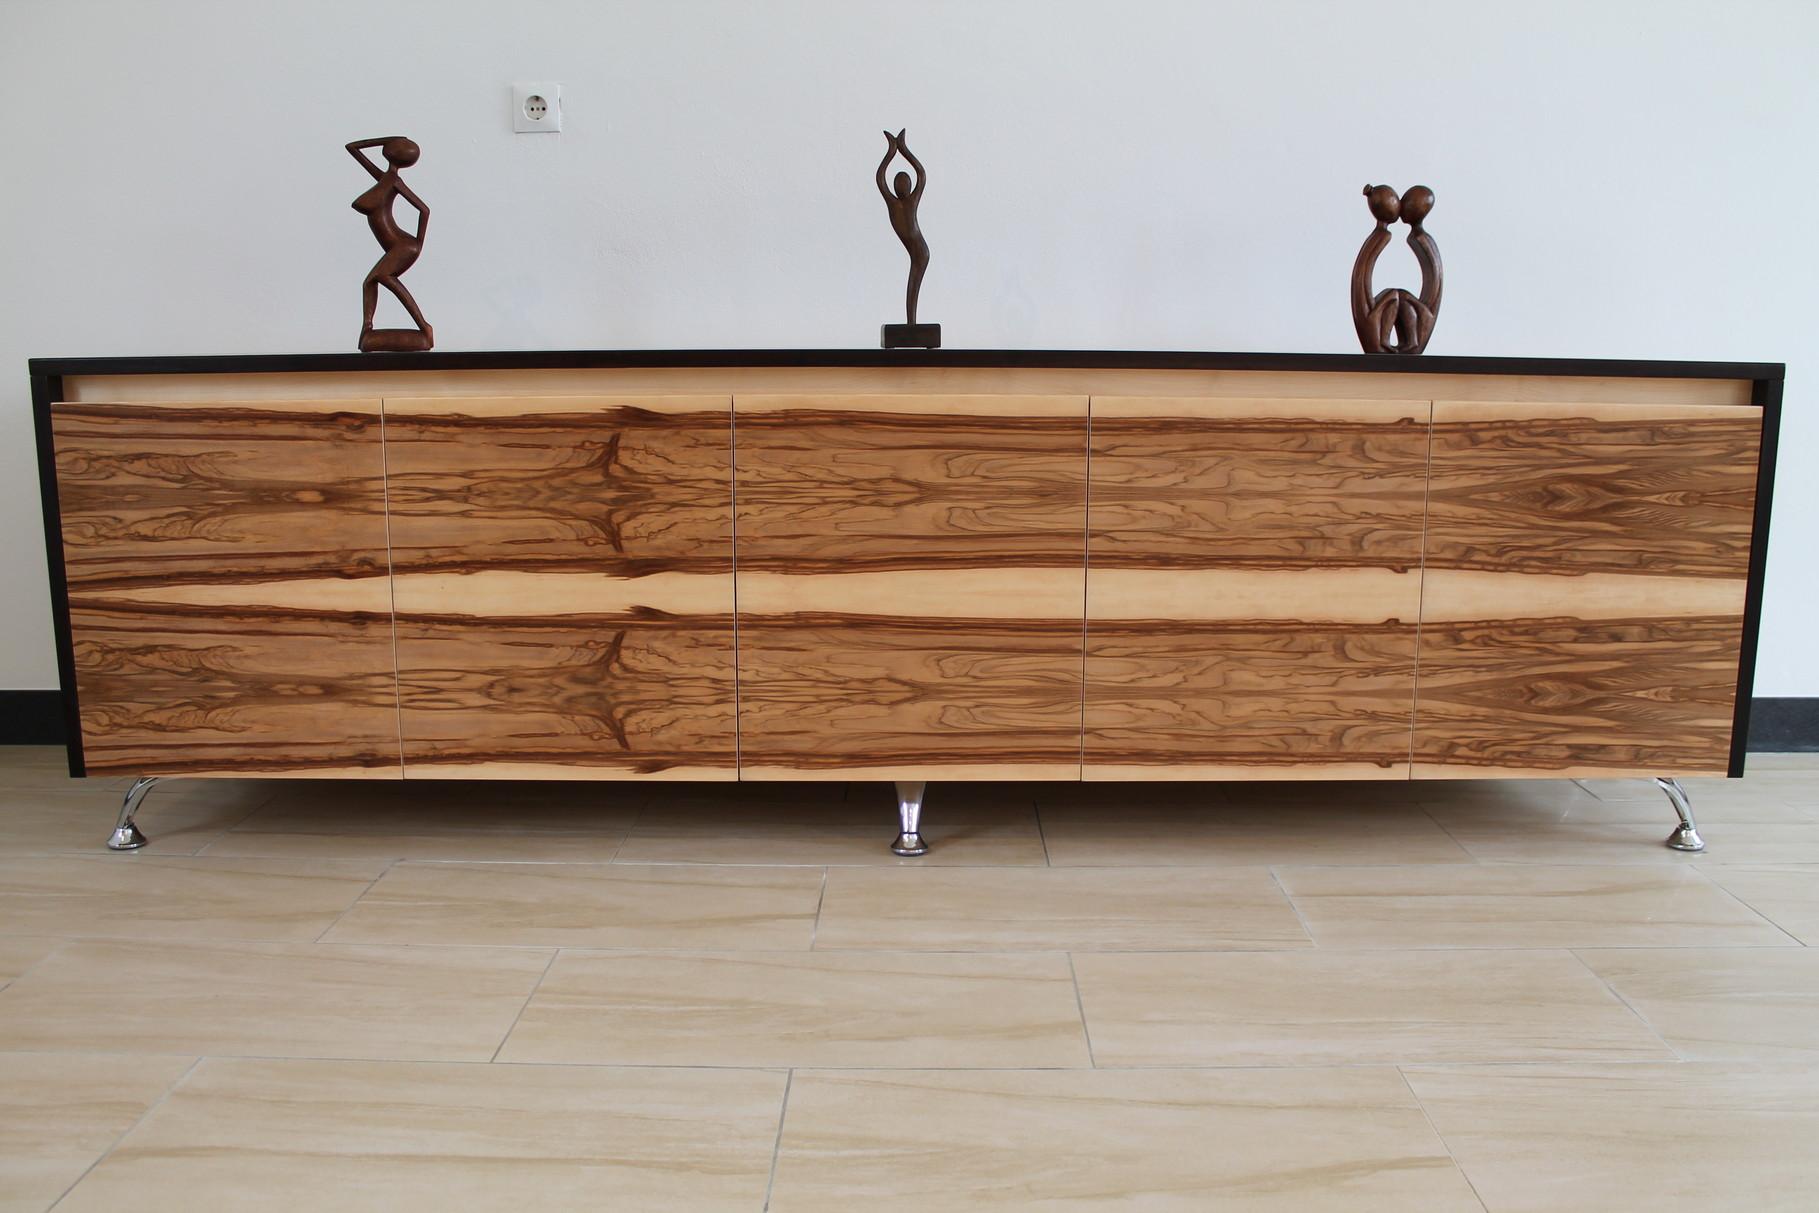 helle Exoten  designschreiner artofwood möbeldesign  -> Tv Sideboard Nussbaum